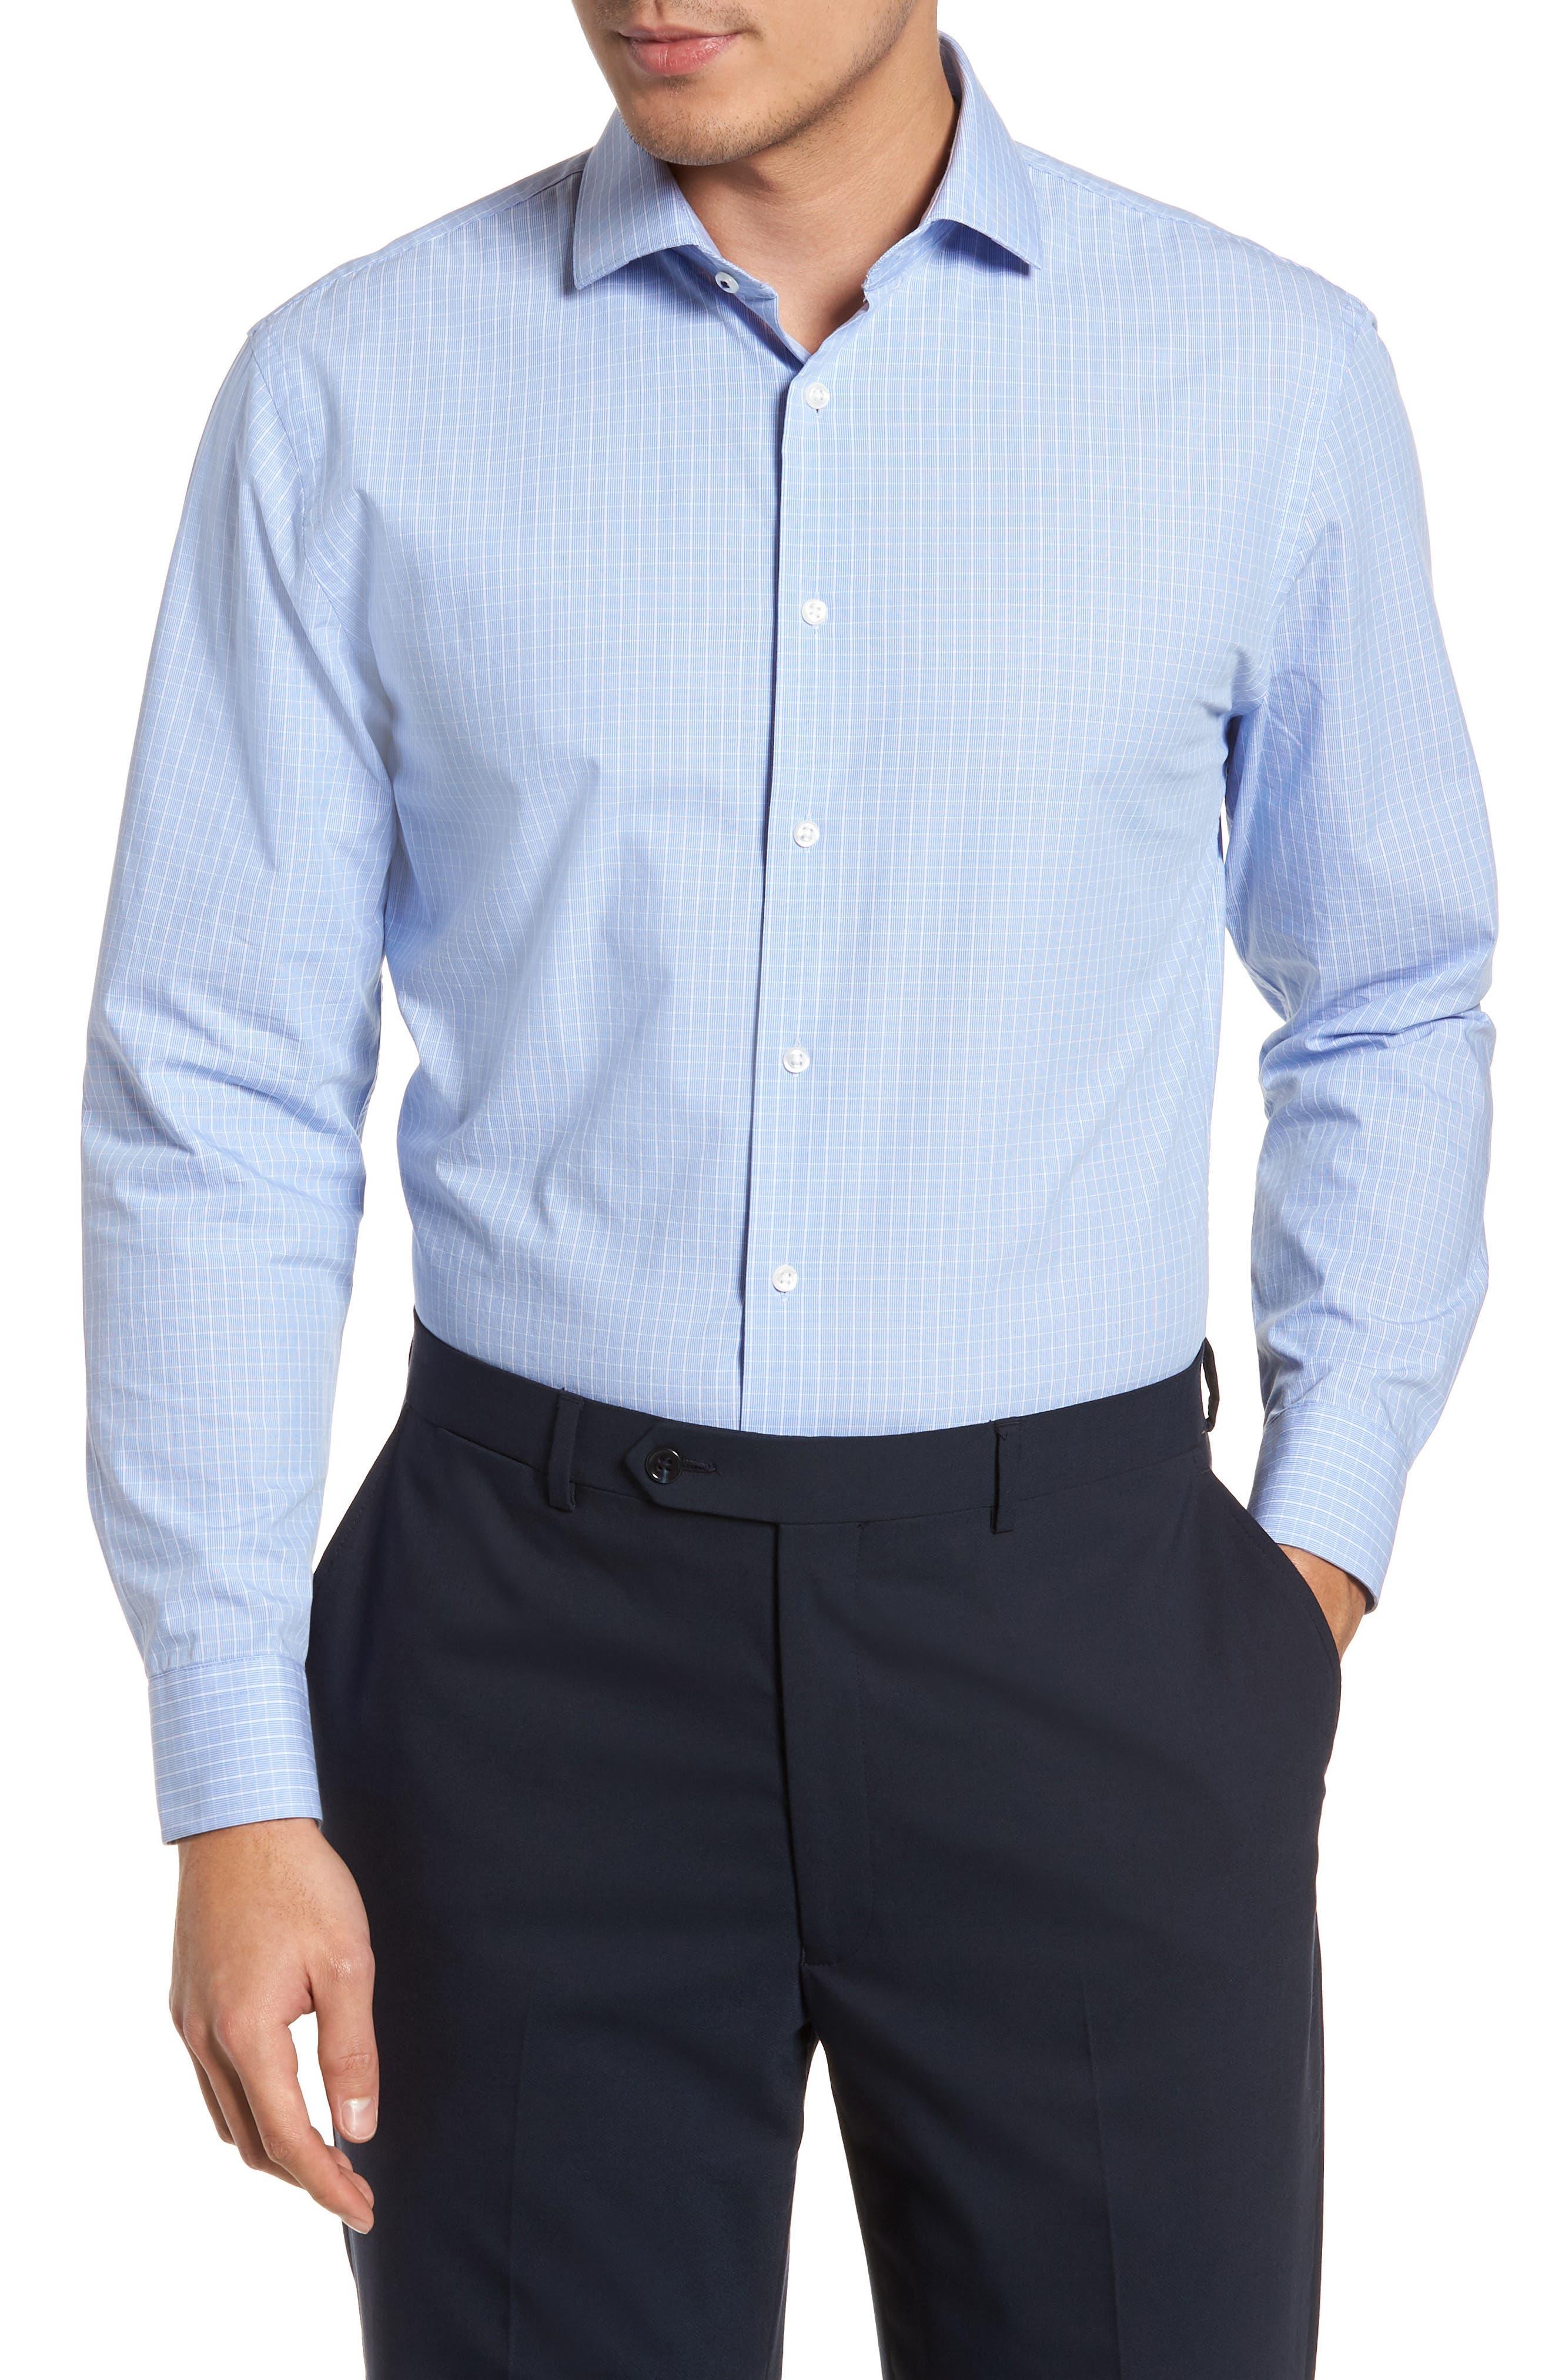 Main Image - Nordstrom Men's Shop Tech-Smart Trim Fit Grid Dress Shirt